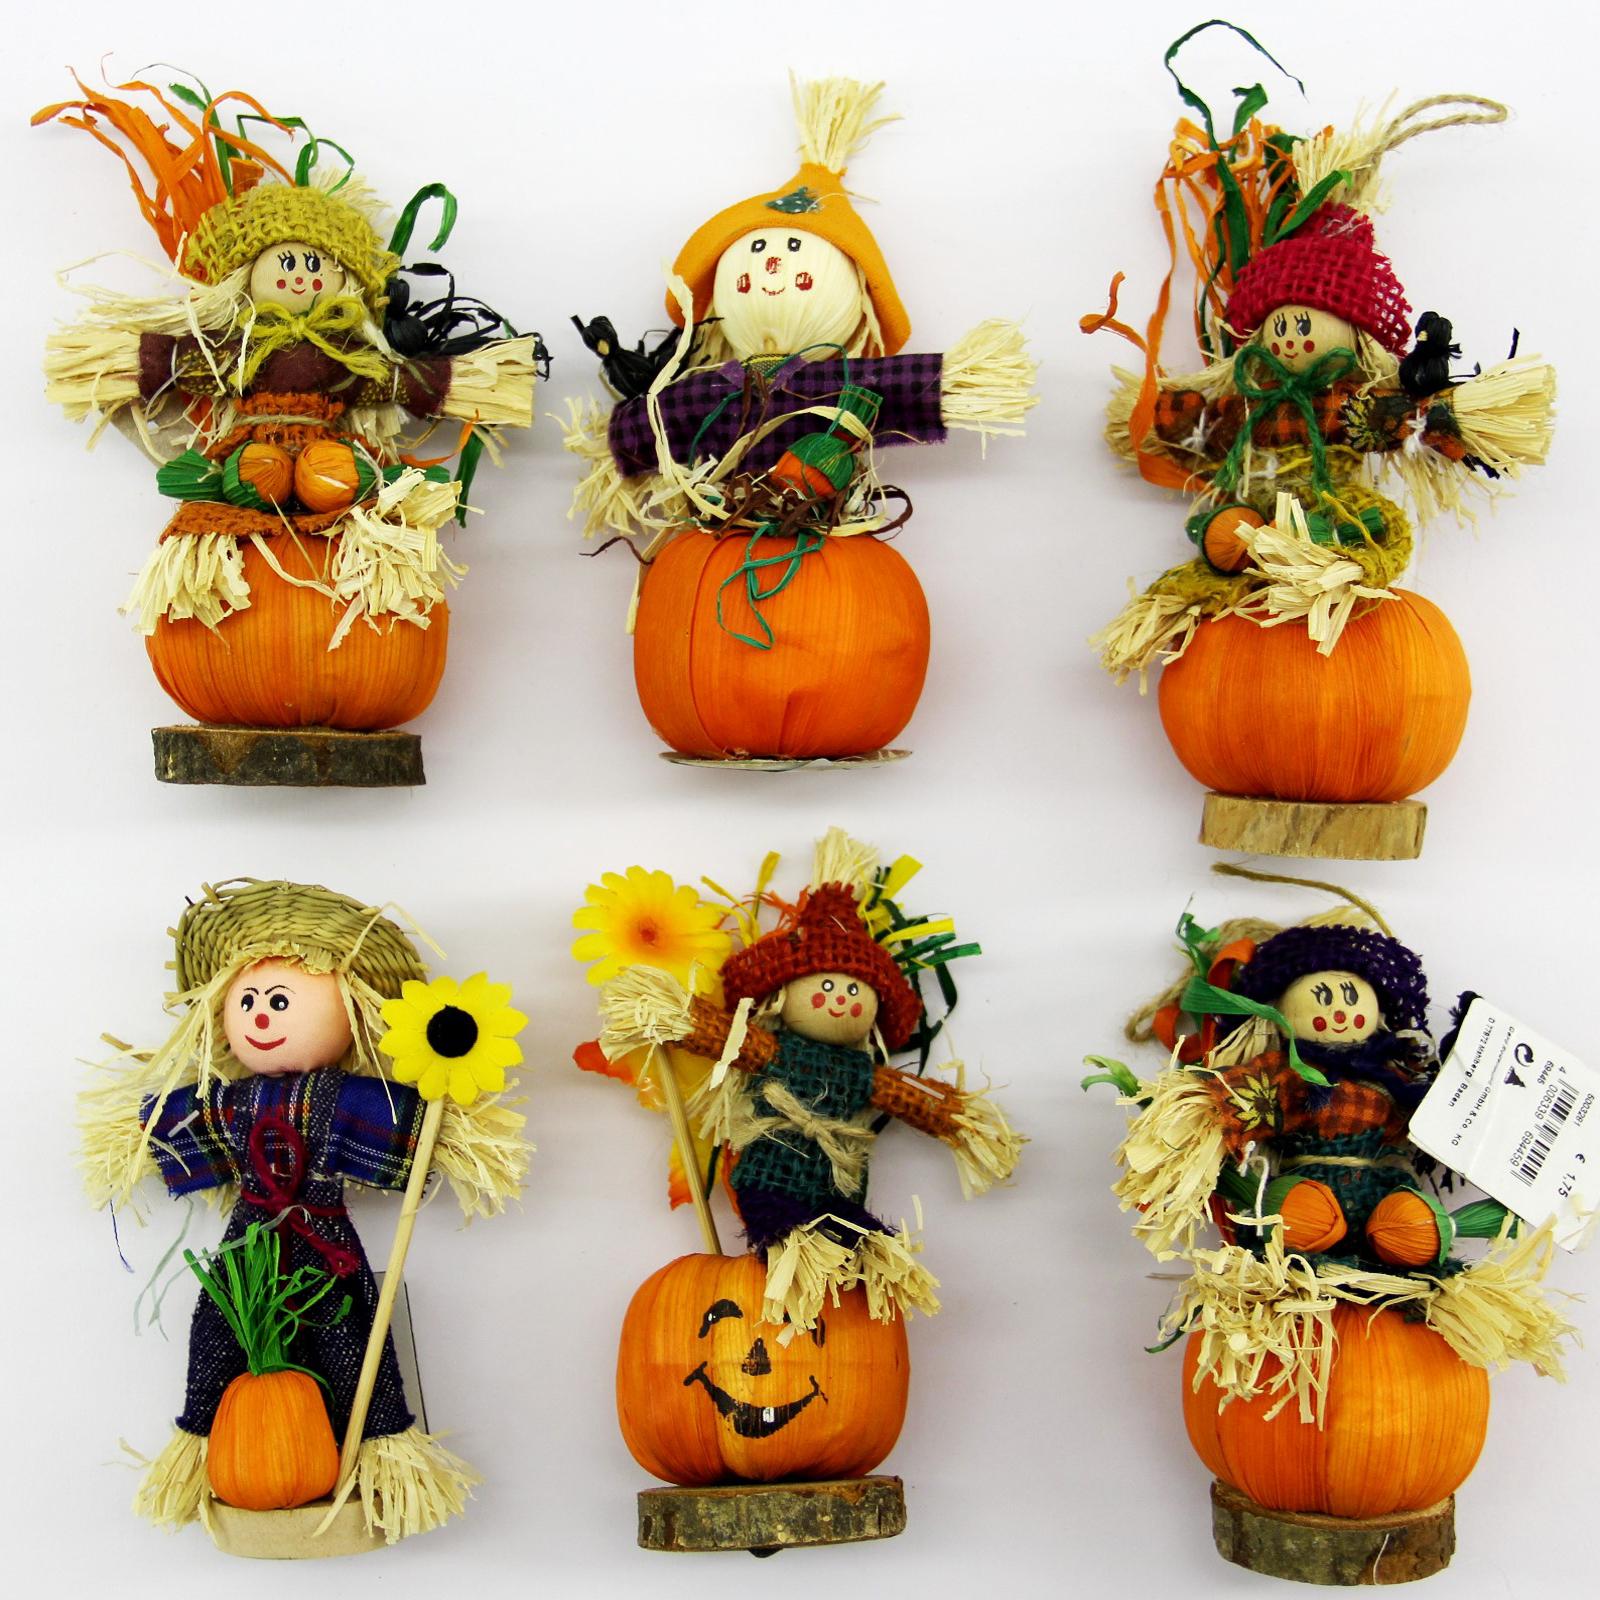 Herbst Deko Herbstdekoration Aufhänger Tisch Fenster Schmuck Blumen Igel Figur